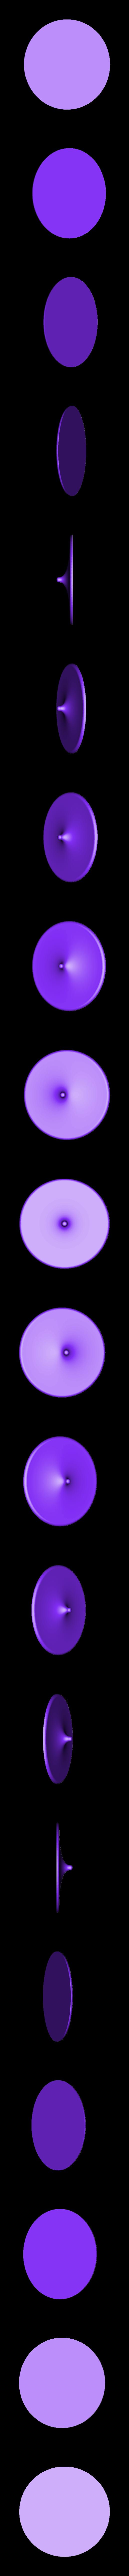 Baczek_2B.stl Télécharger fichier STL gratuit Toupie (pseudo bicolore) • Design imprimable en 3D, kpawel